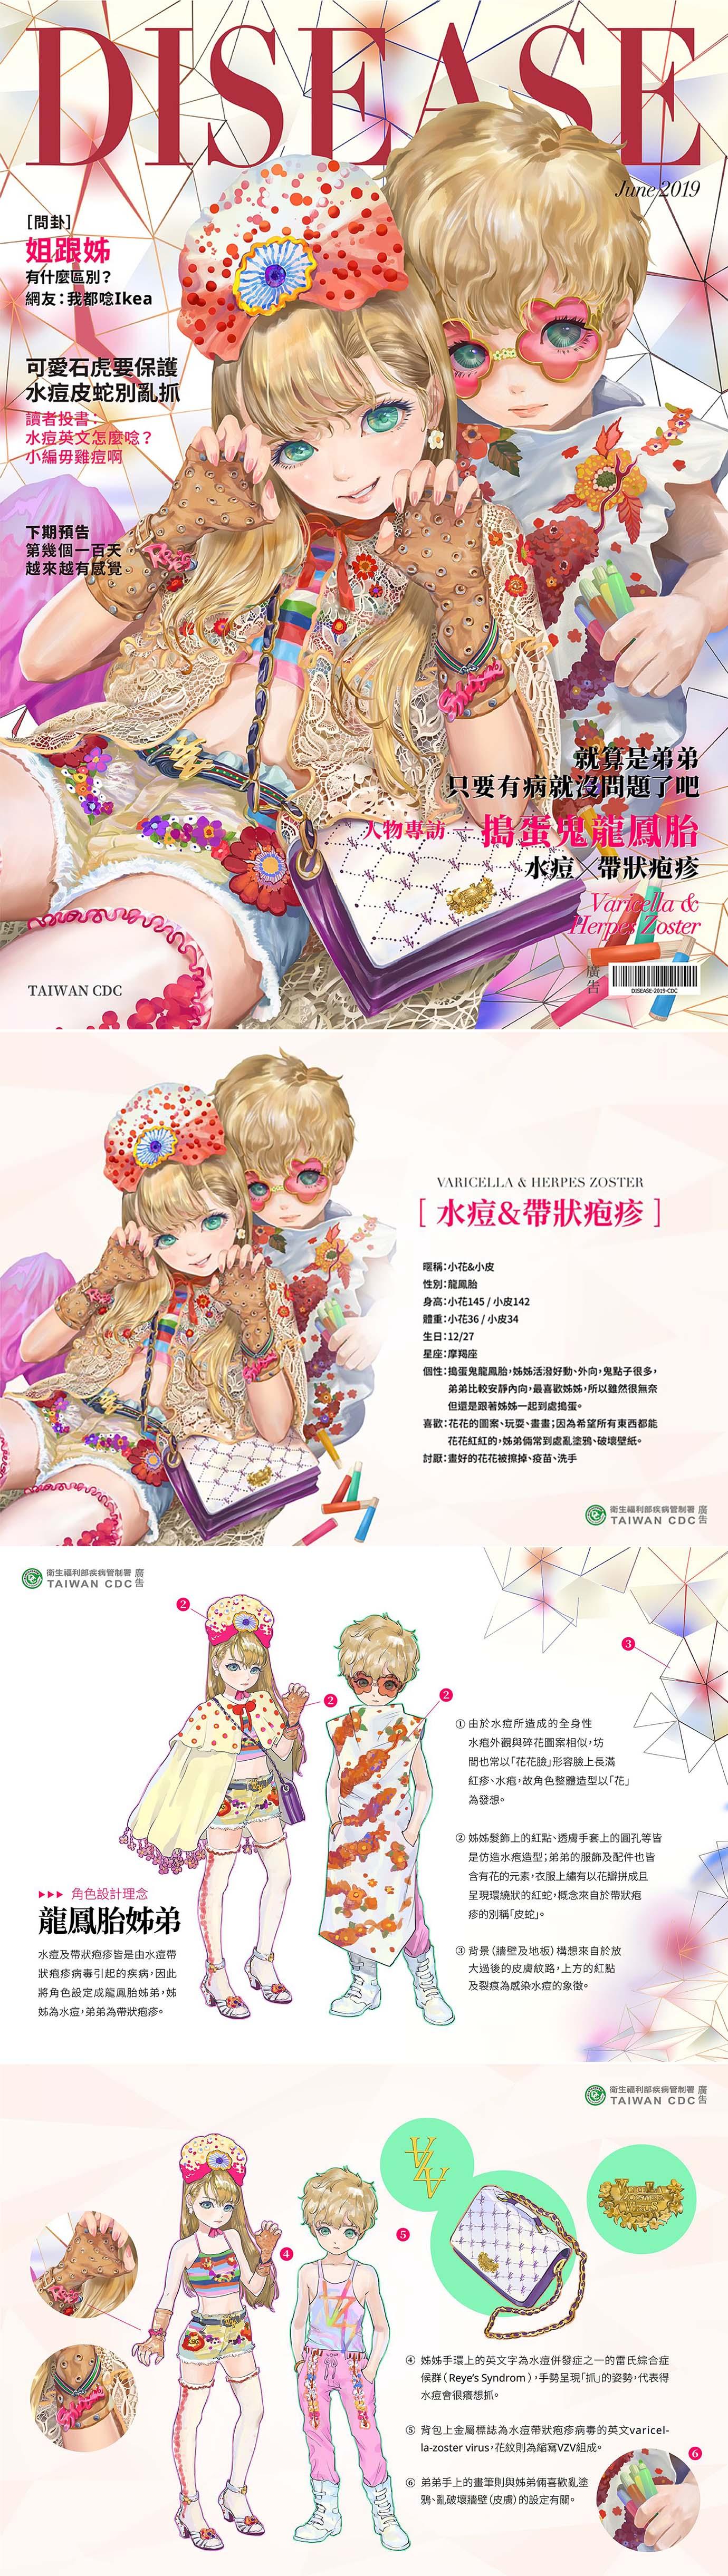 taiwan-disease3